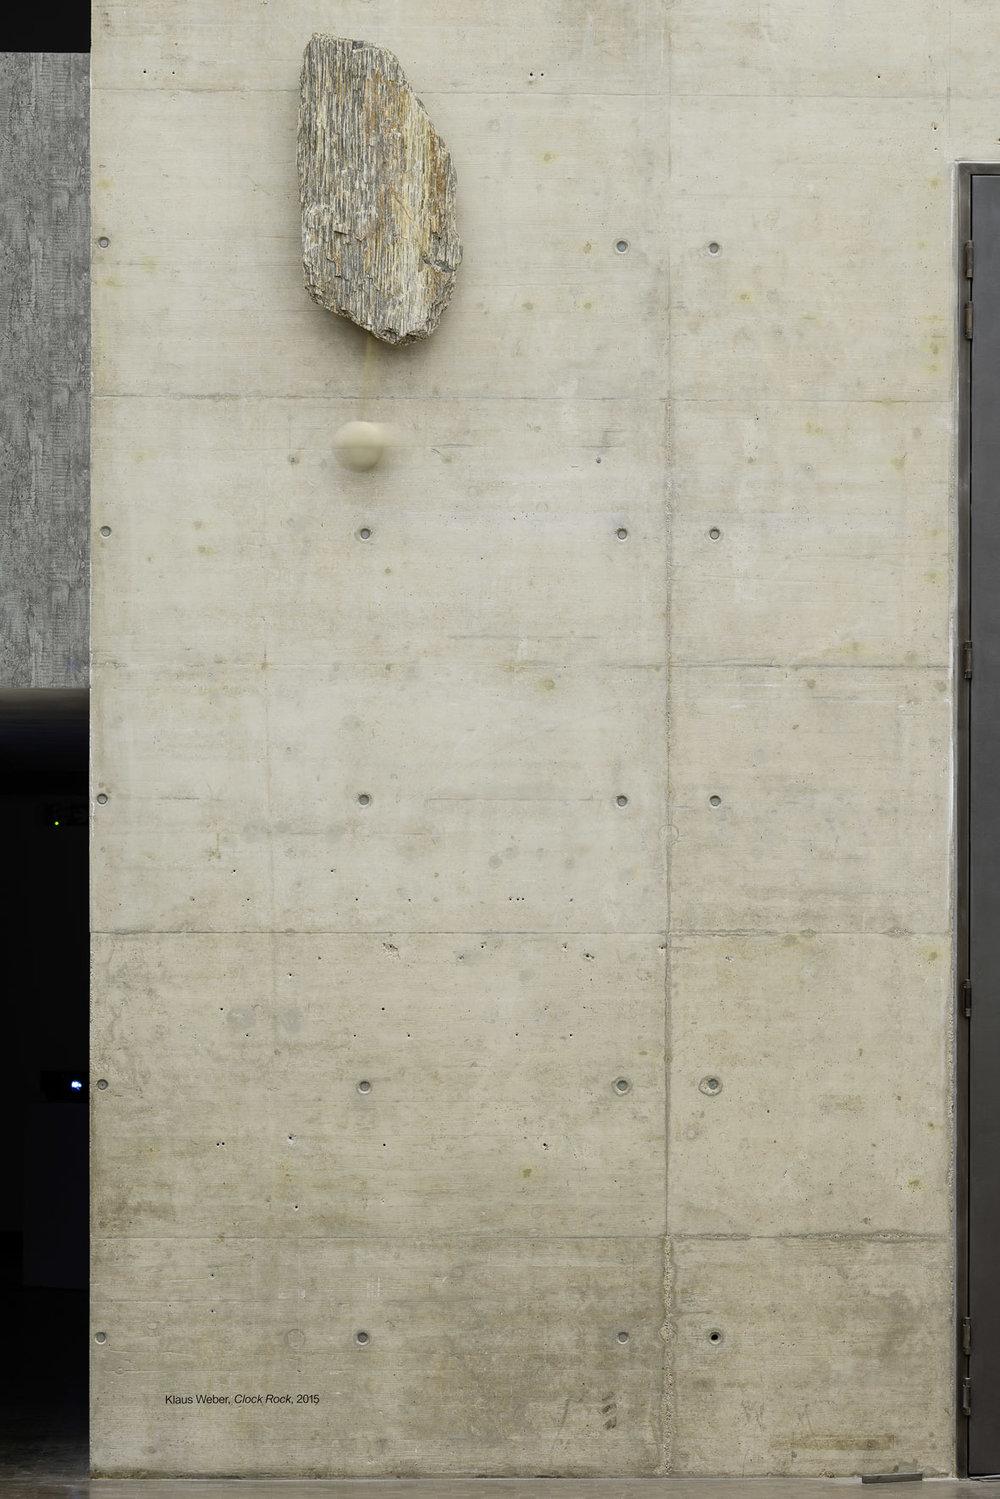 Béton  Installation View  Kunsthalle Wien  2016